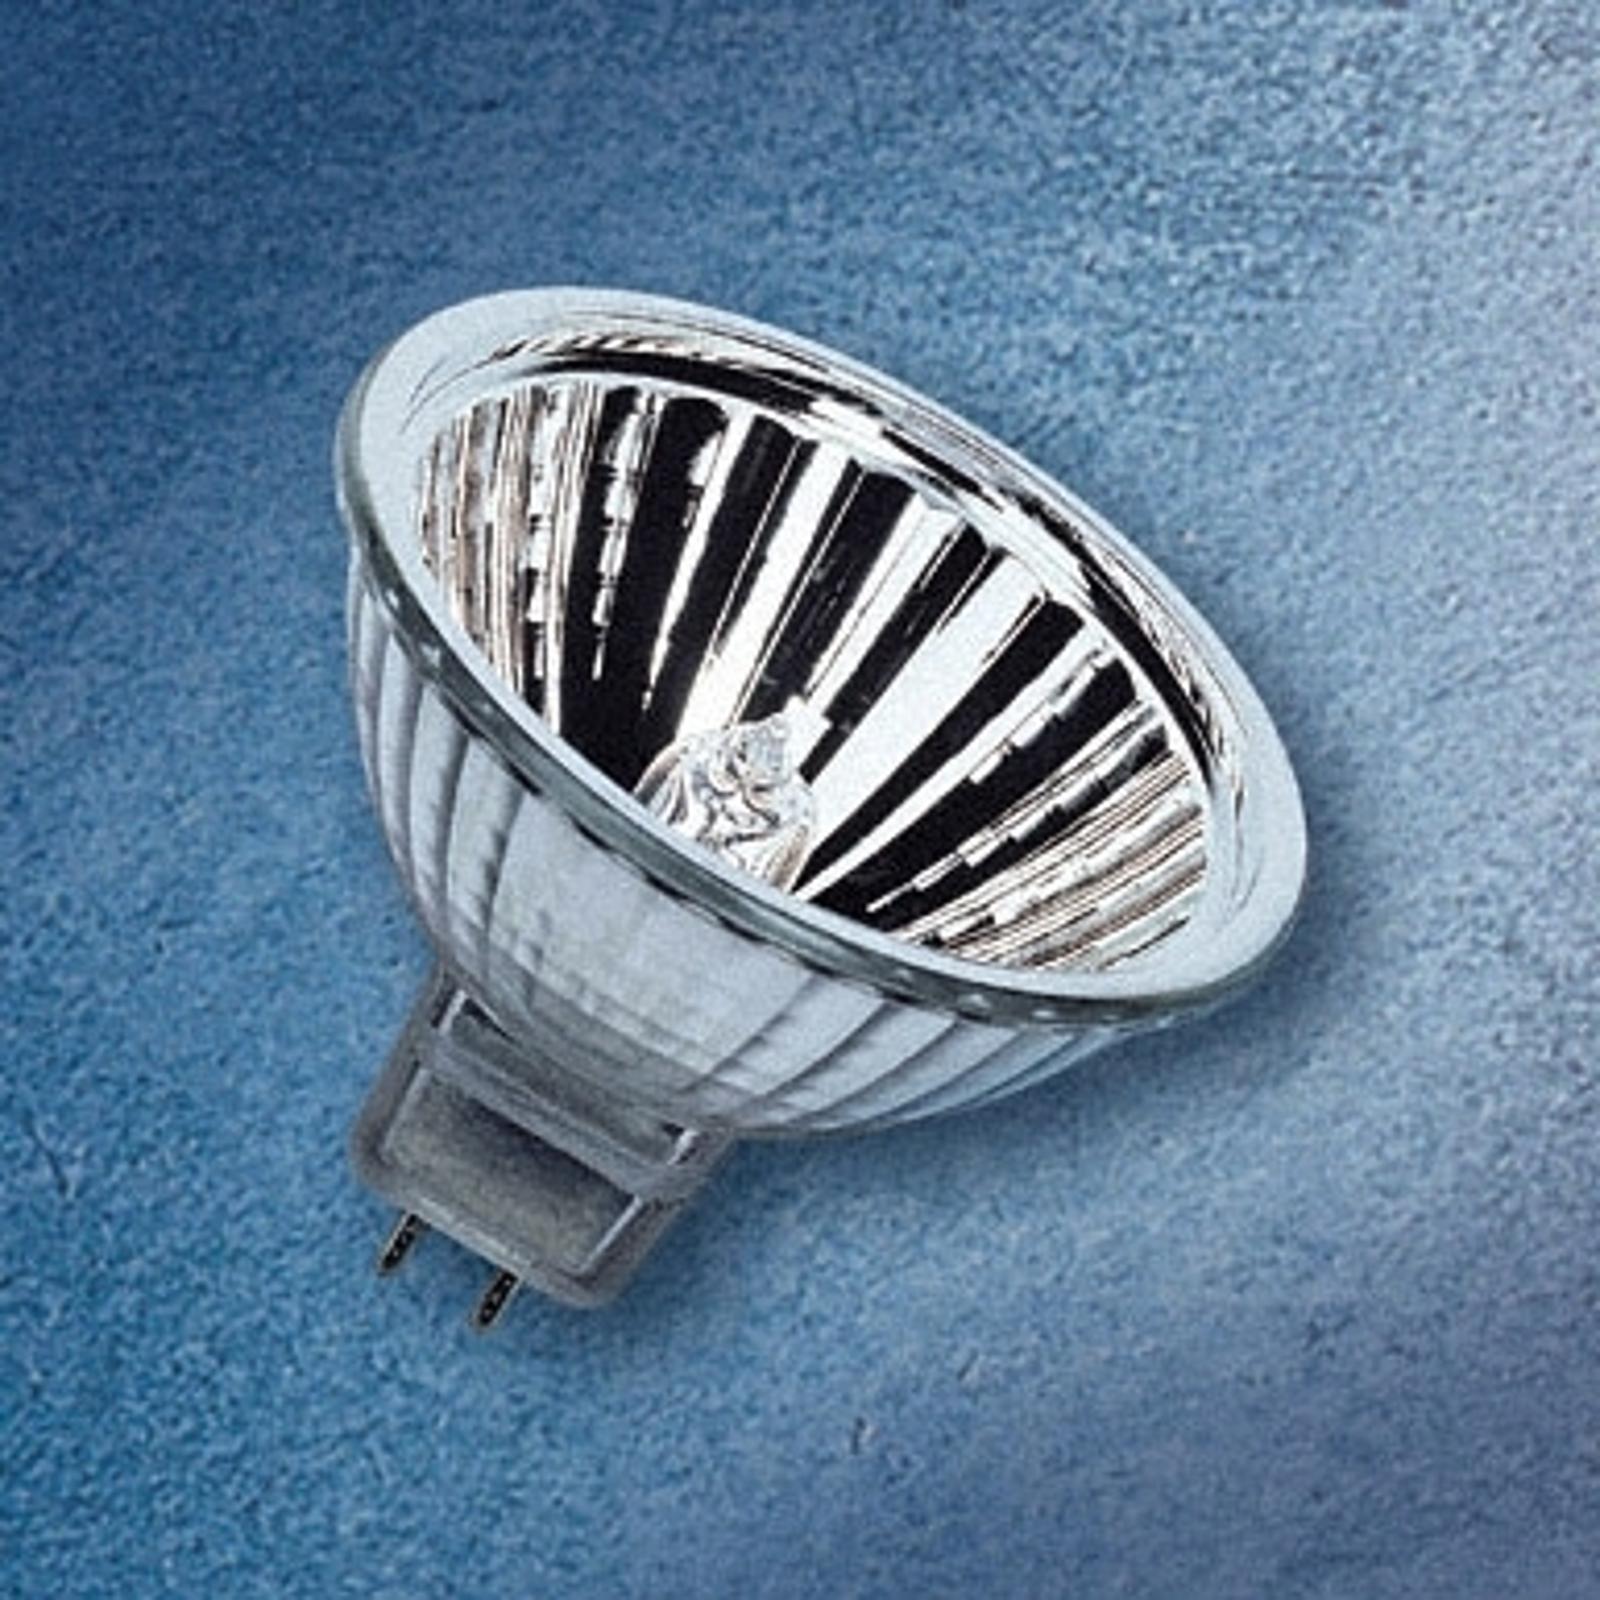 Gu5.3 mr16-36 ° aluminium miroir 35 W Halogène Réflecteur argentée Cover 35 W